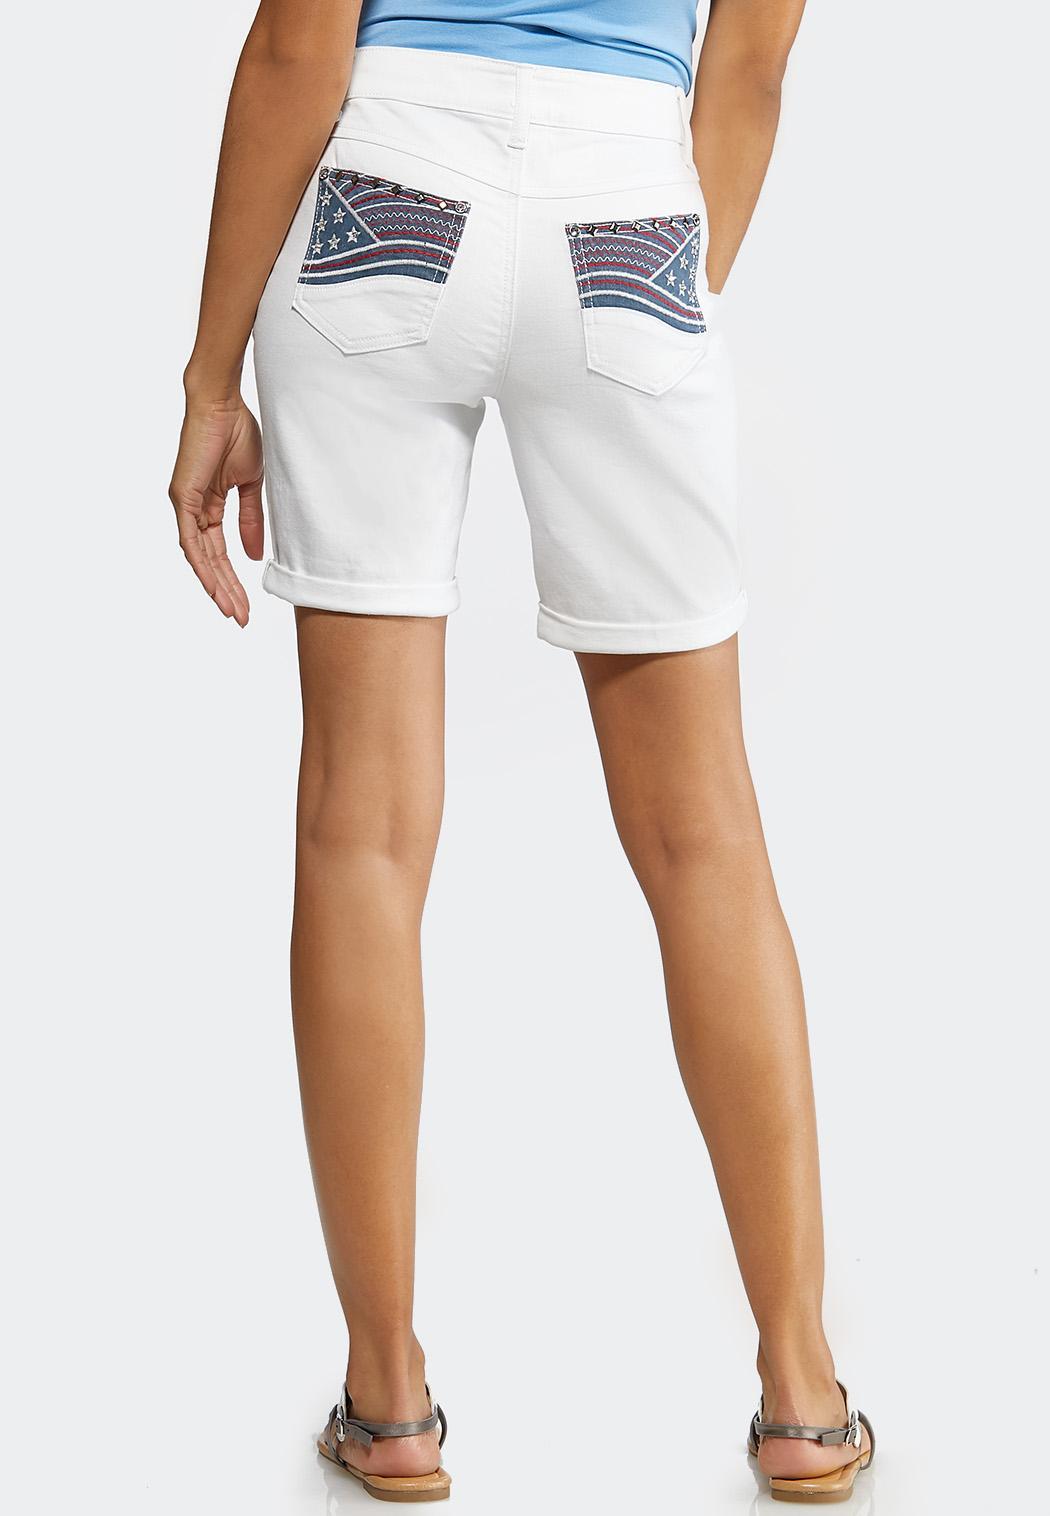 American Flag Pocket Short